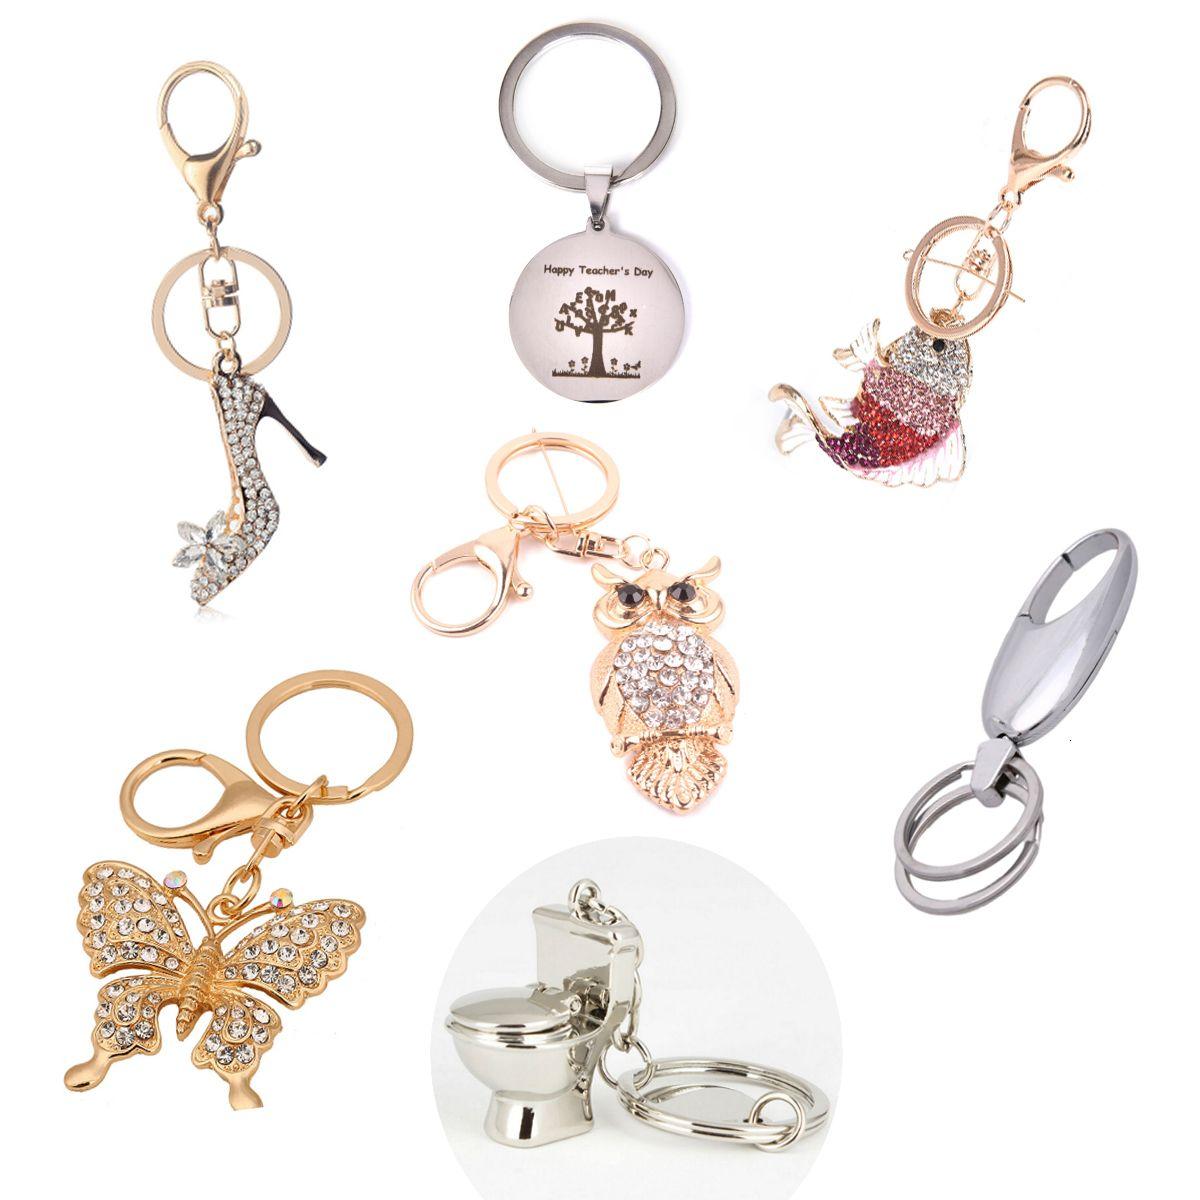 Araba Keyrings Keychains için Moda Rhinestone Kelebek Anahtarlıklar Halkalar Tutucu Kristal Kadınlar Takı Çantası kolye